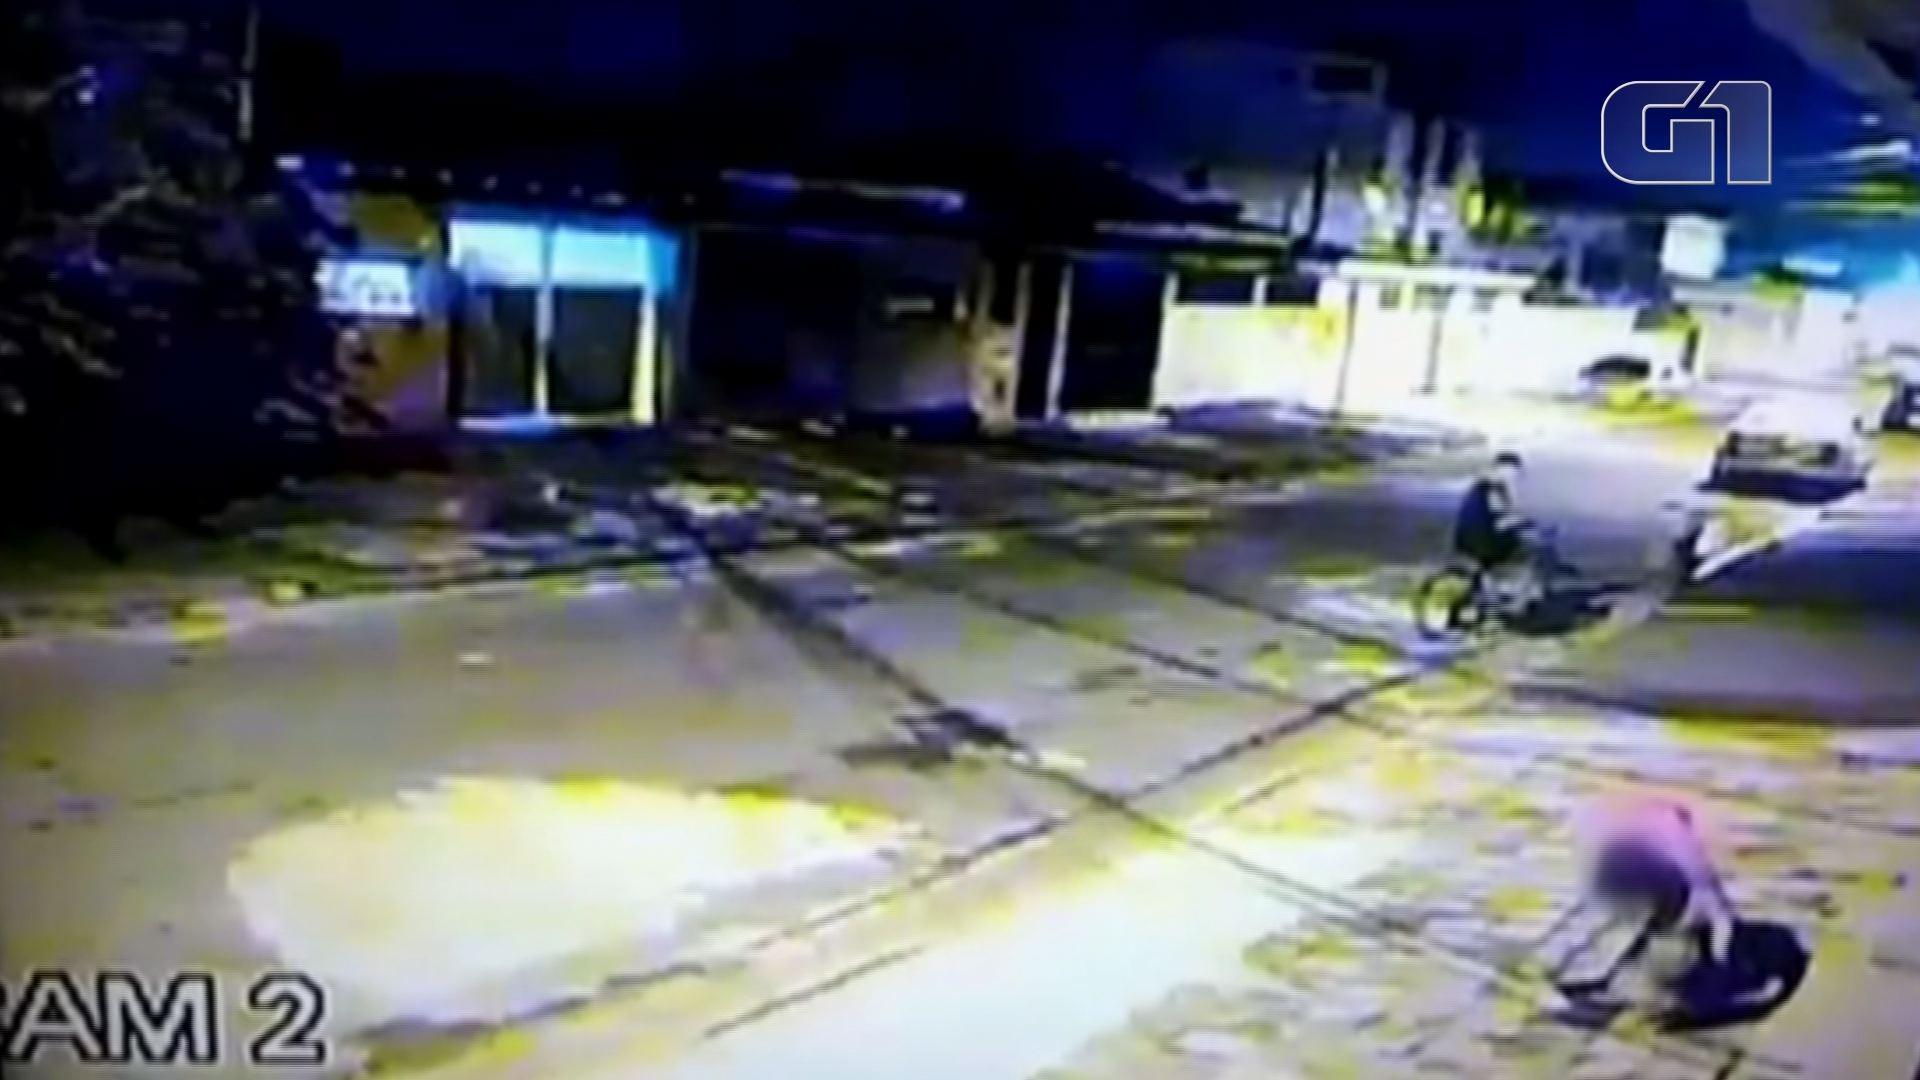 Imagens flagram cachorro sendo levado por casal da porta de casa em SP; vídeo